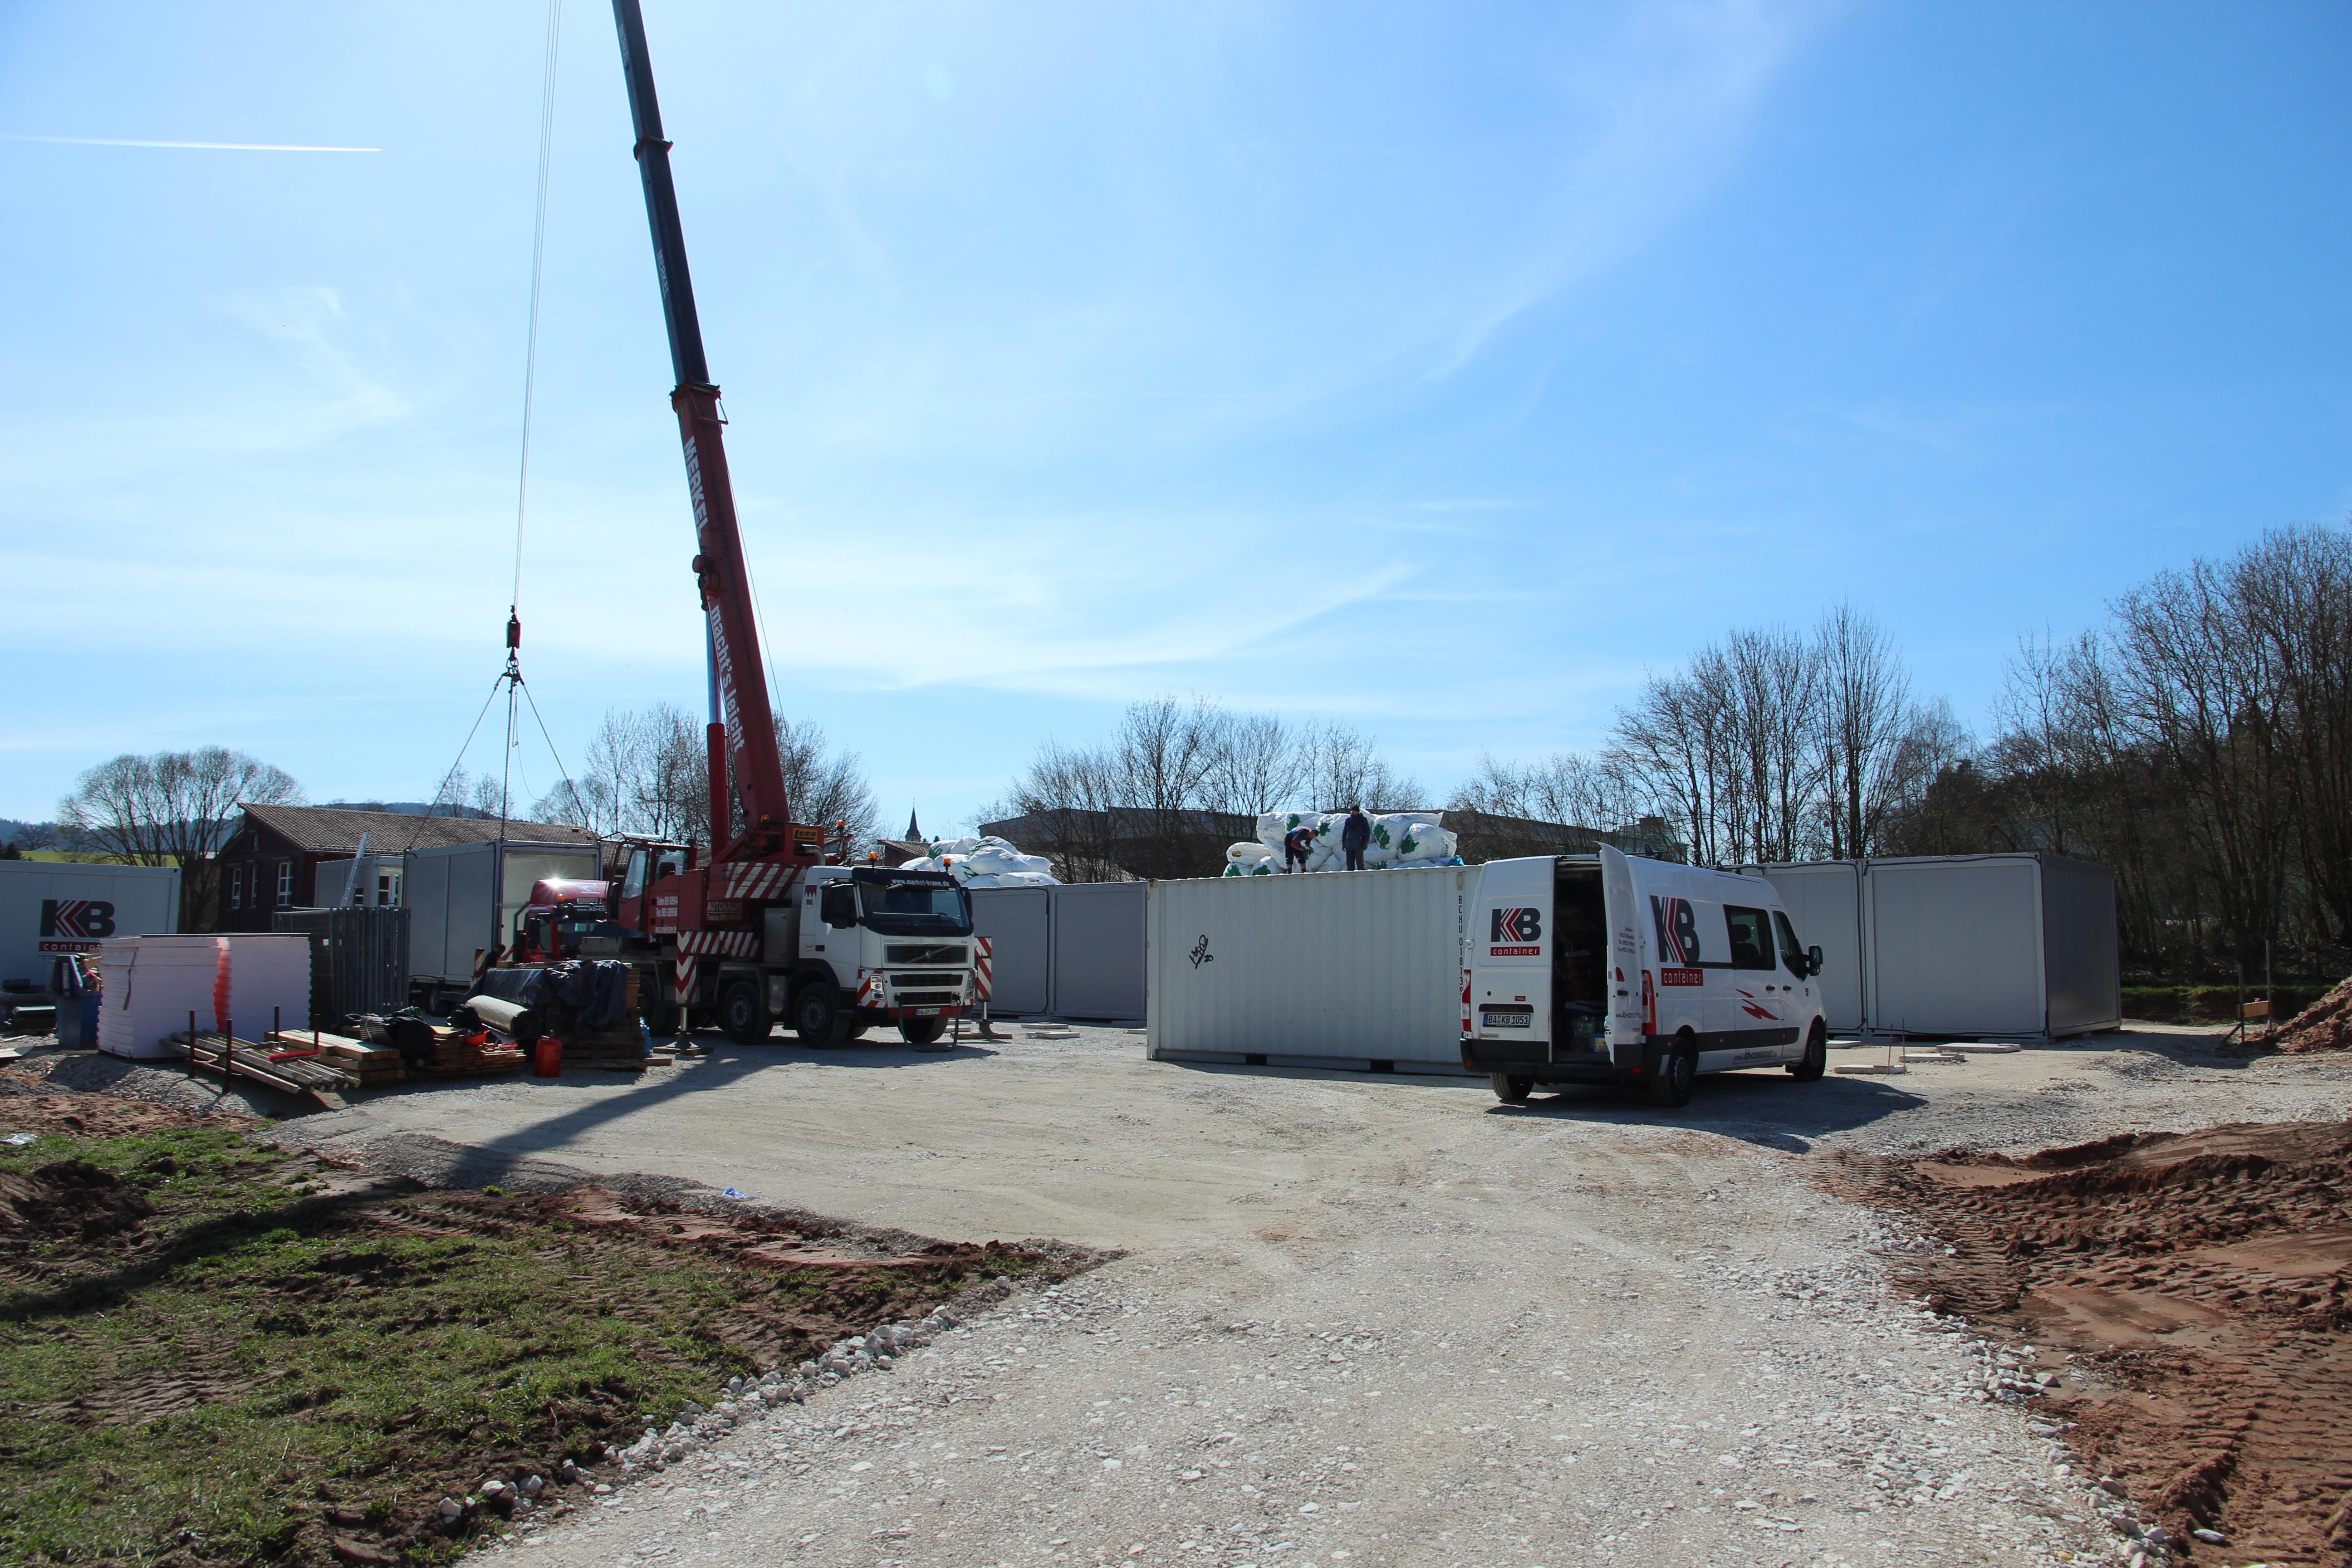 Nach Pfingsten Wechselunterricht und Umzug: Die Schulfamilie zieht während der Sanierung ins smarte Containerdorf. (Foto März 2021, Anlieferung der Container)